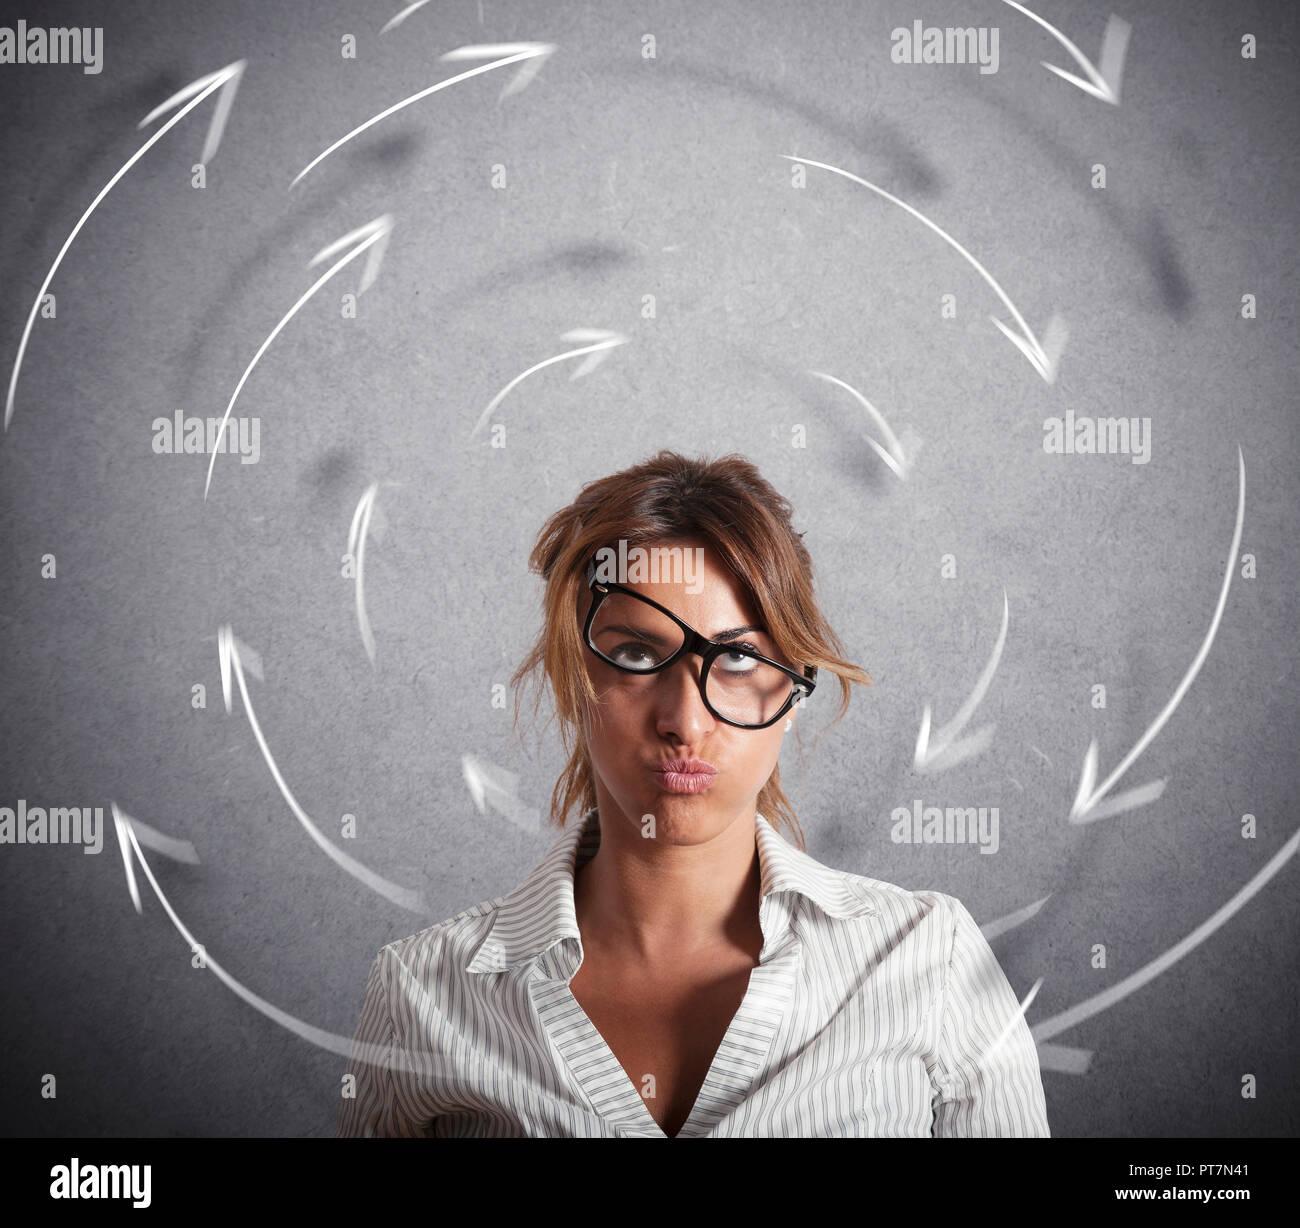 Verwirrt Geschäftsfrau hat Schwindel. Konzept von Stress und Überarbeitung Stockbild